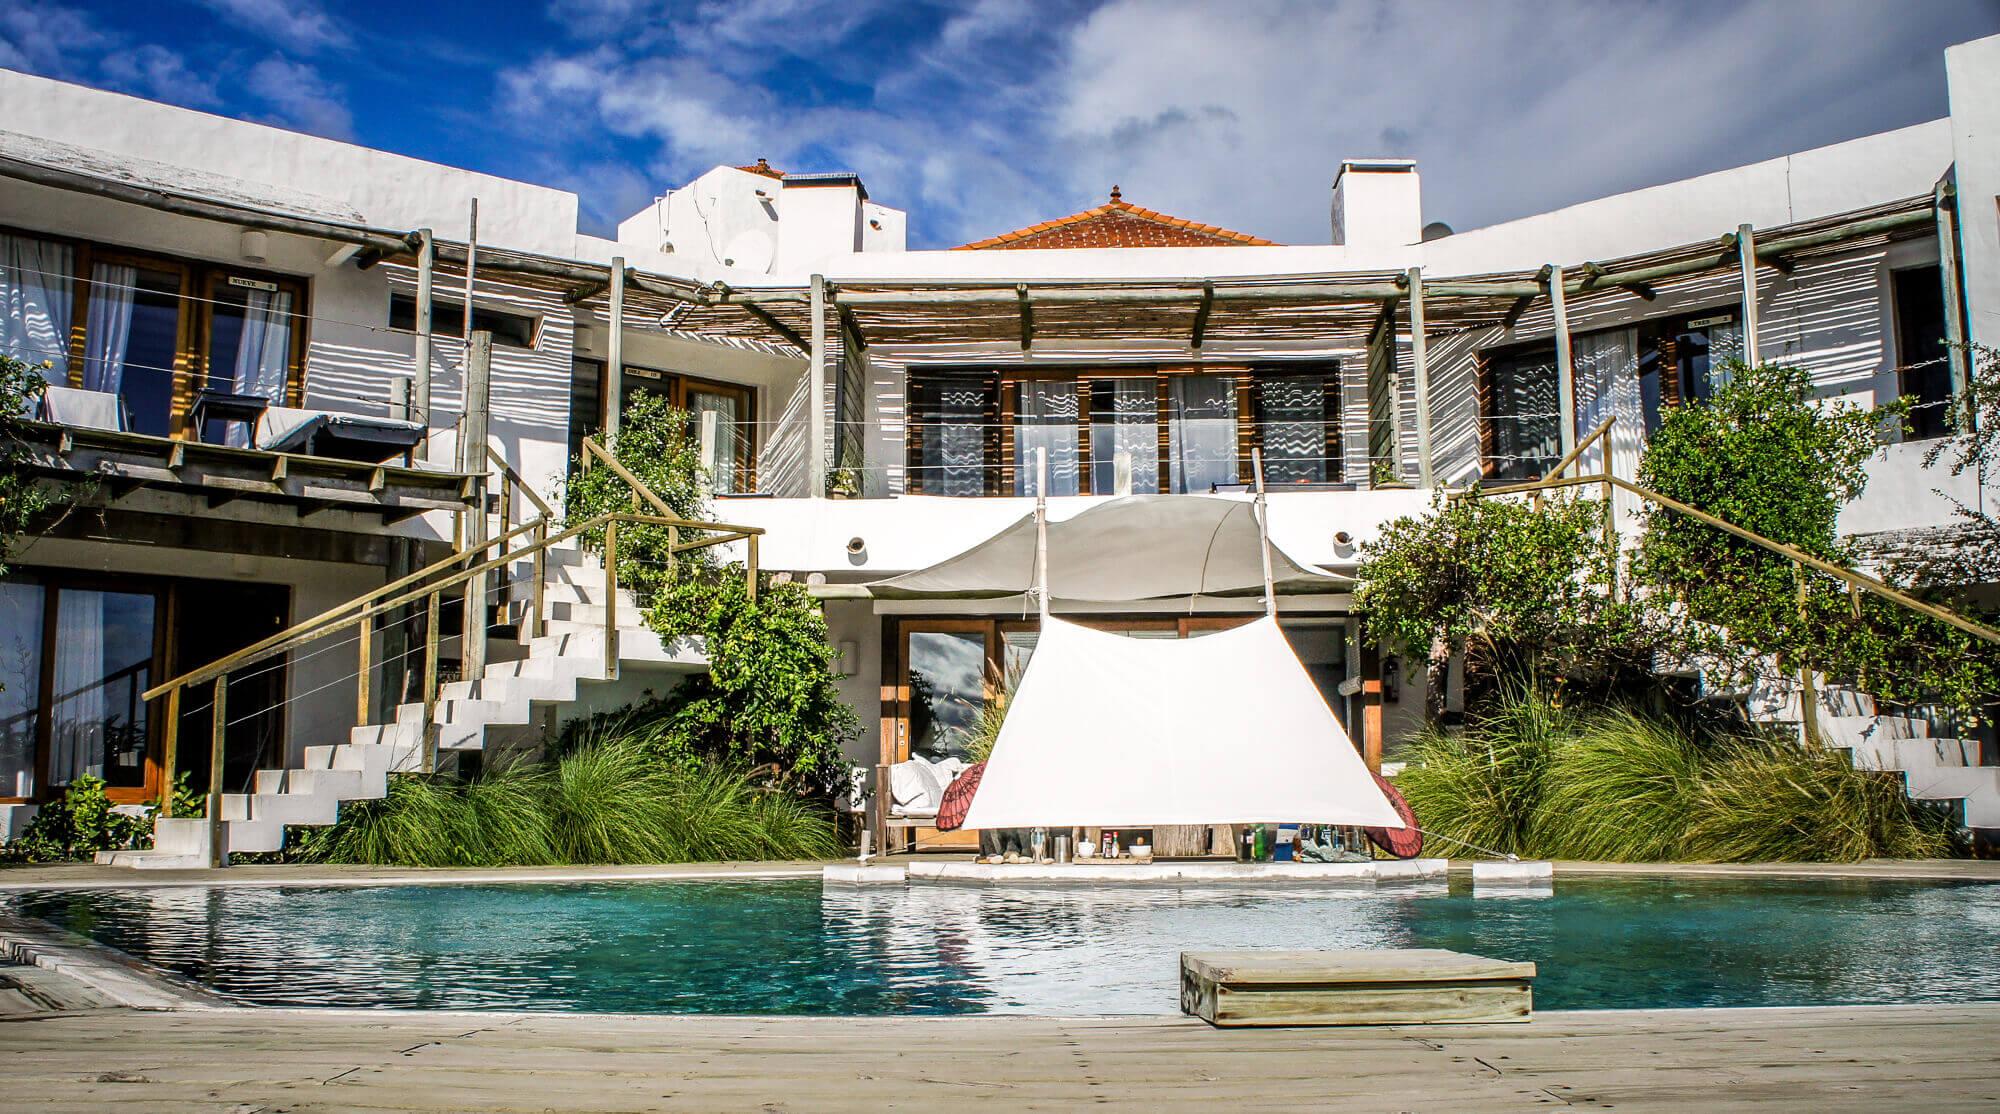 Posada del Faro boutique hotel Jose Ignacio